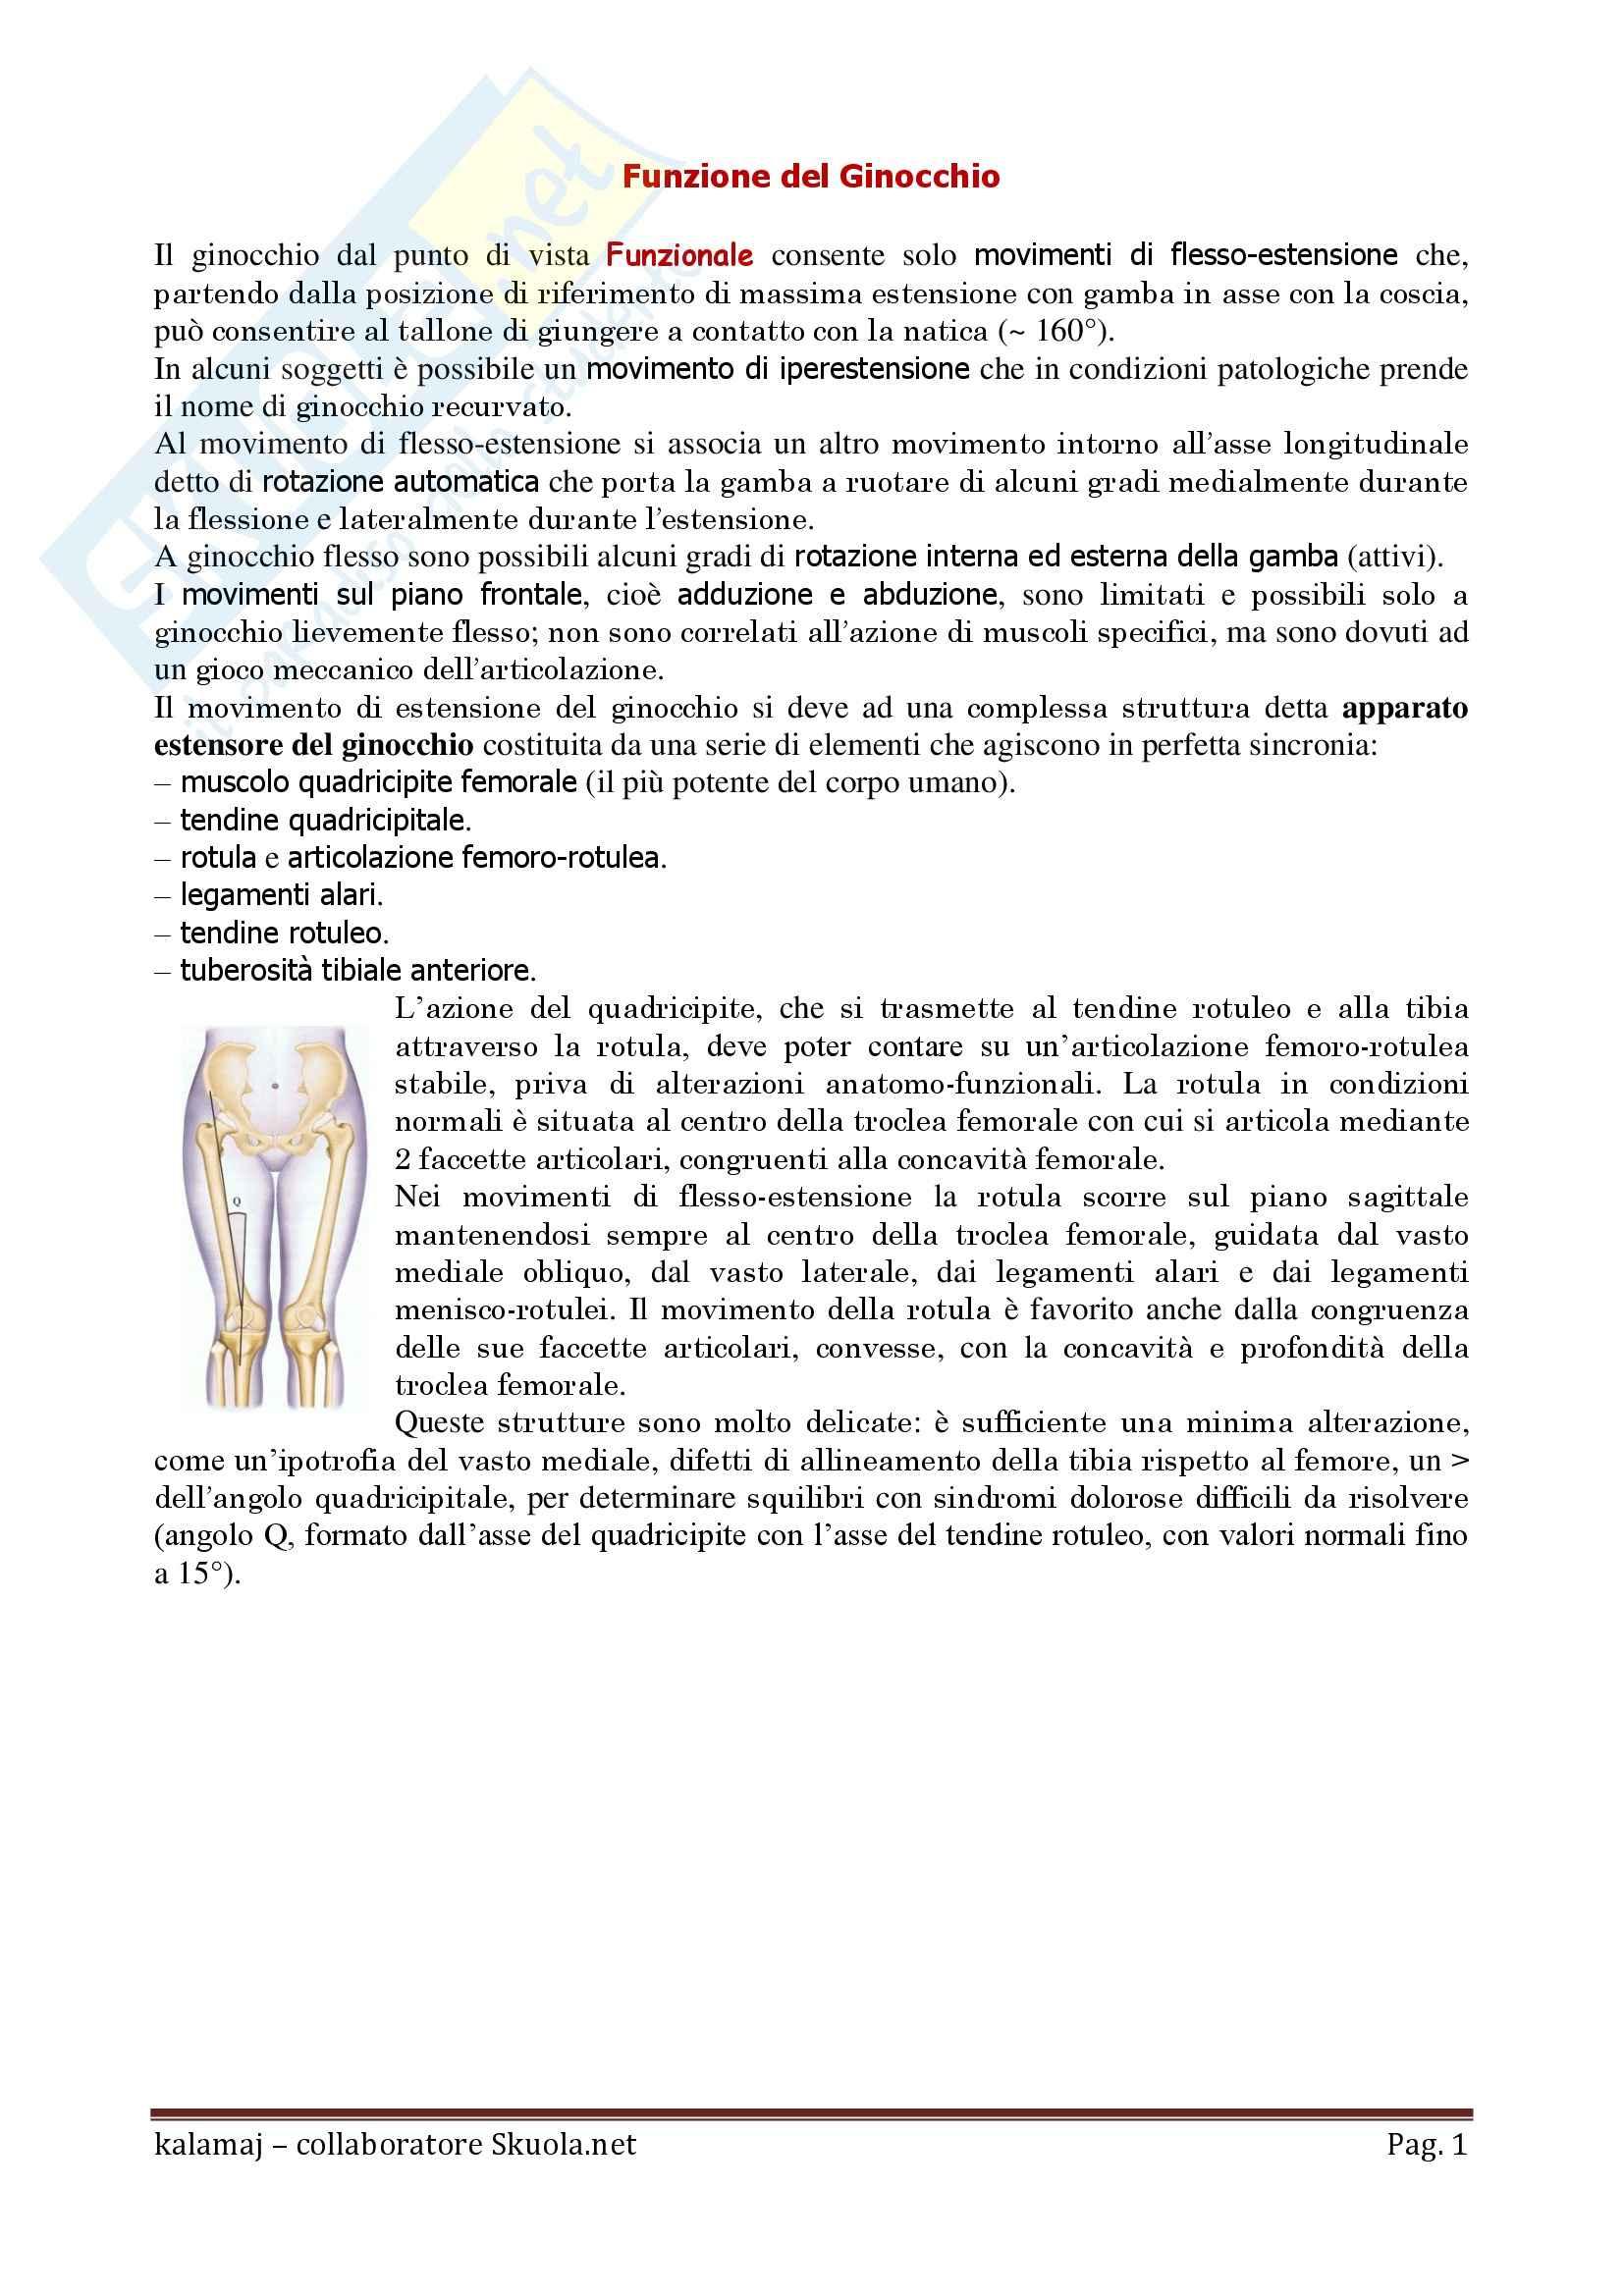 Anatomia umana - Funzione del Ginocchio